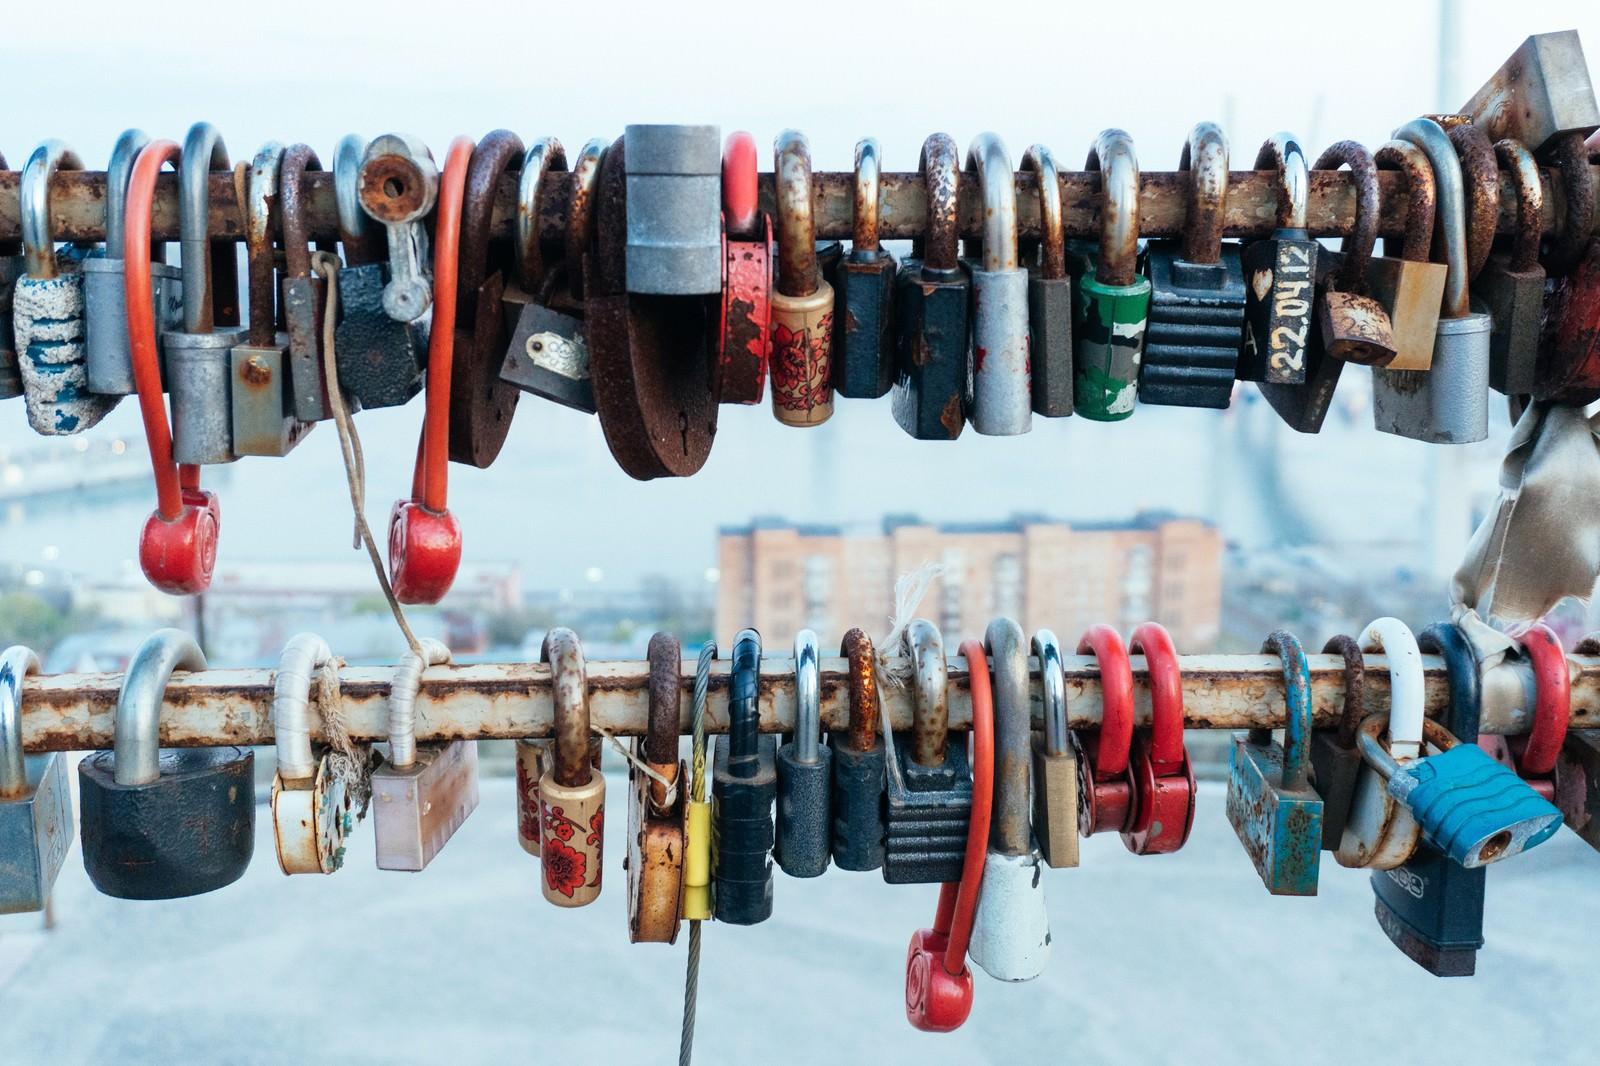 「手すり一杯の南京錠手すり一杯の南京錠」のフリー写真素材を拡大